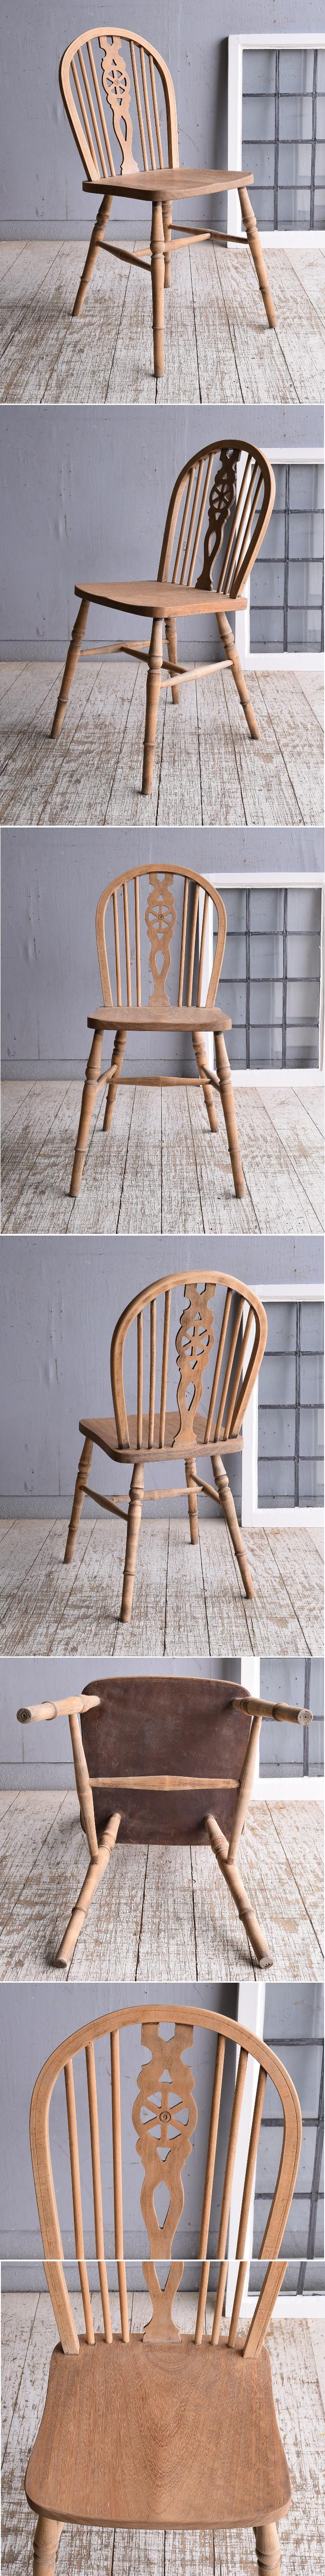 イギリス アンティーク家具 キッチンチェア 椅子 9370